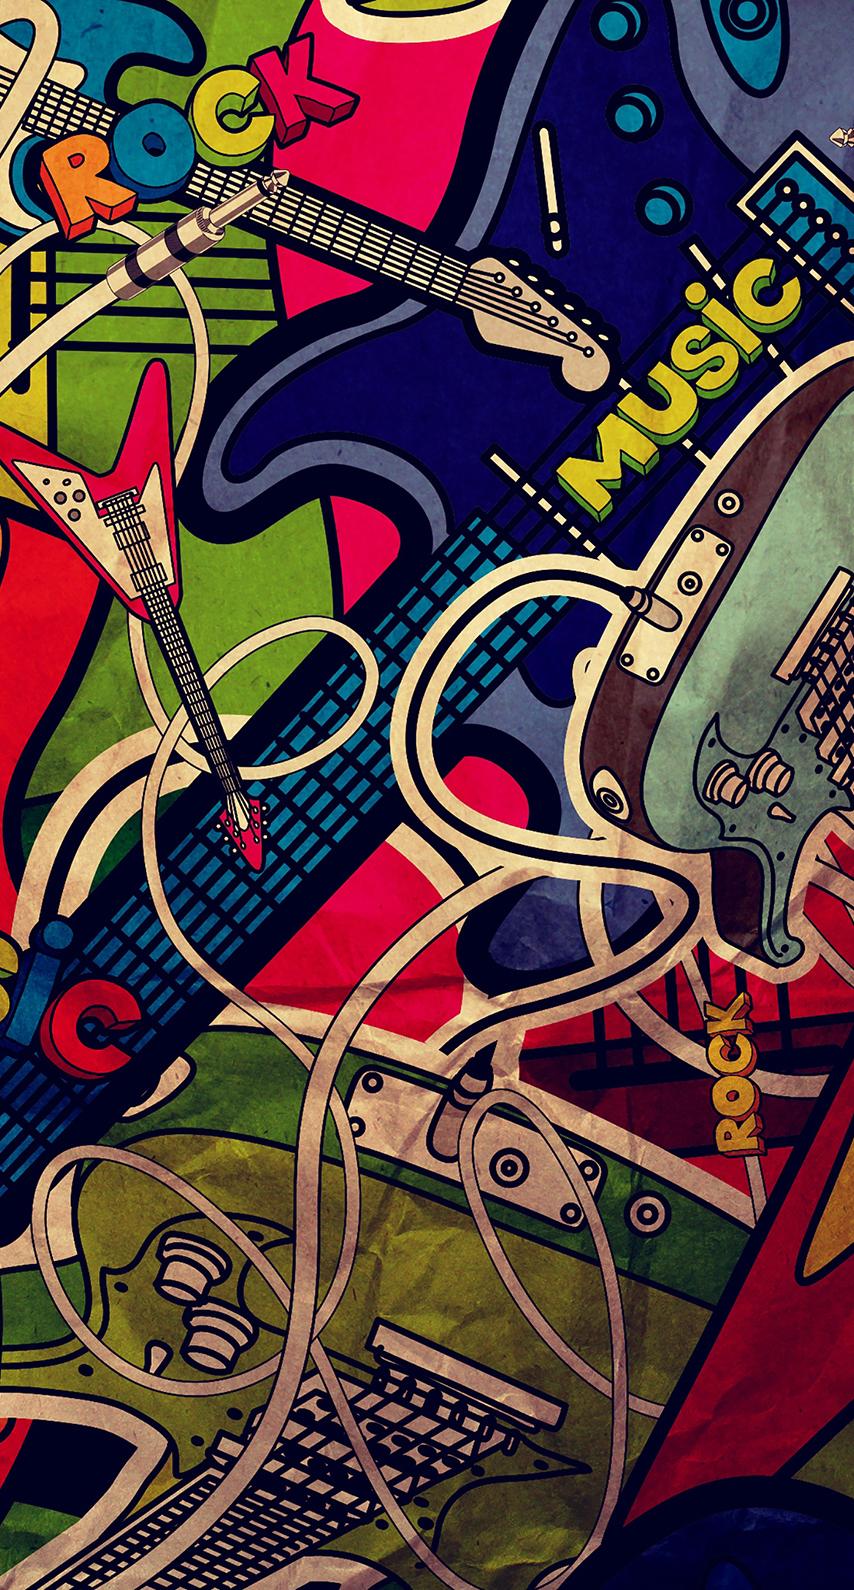 graphic design, decoration